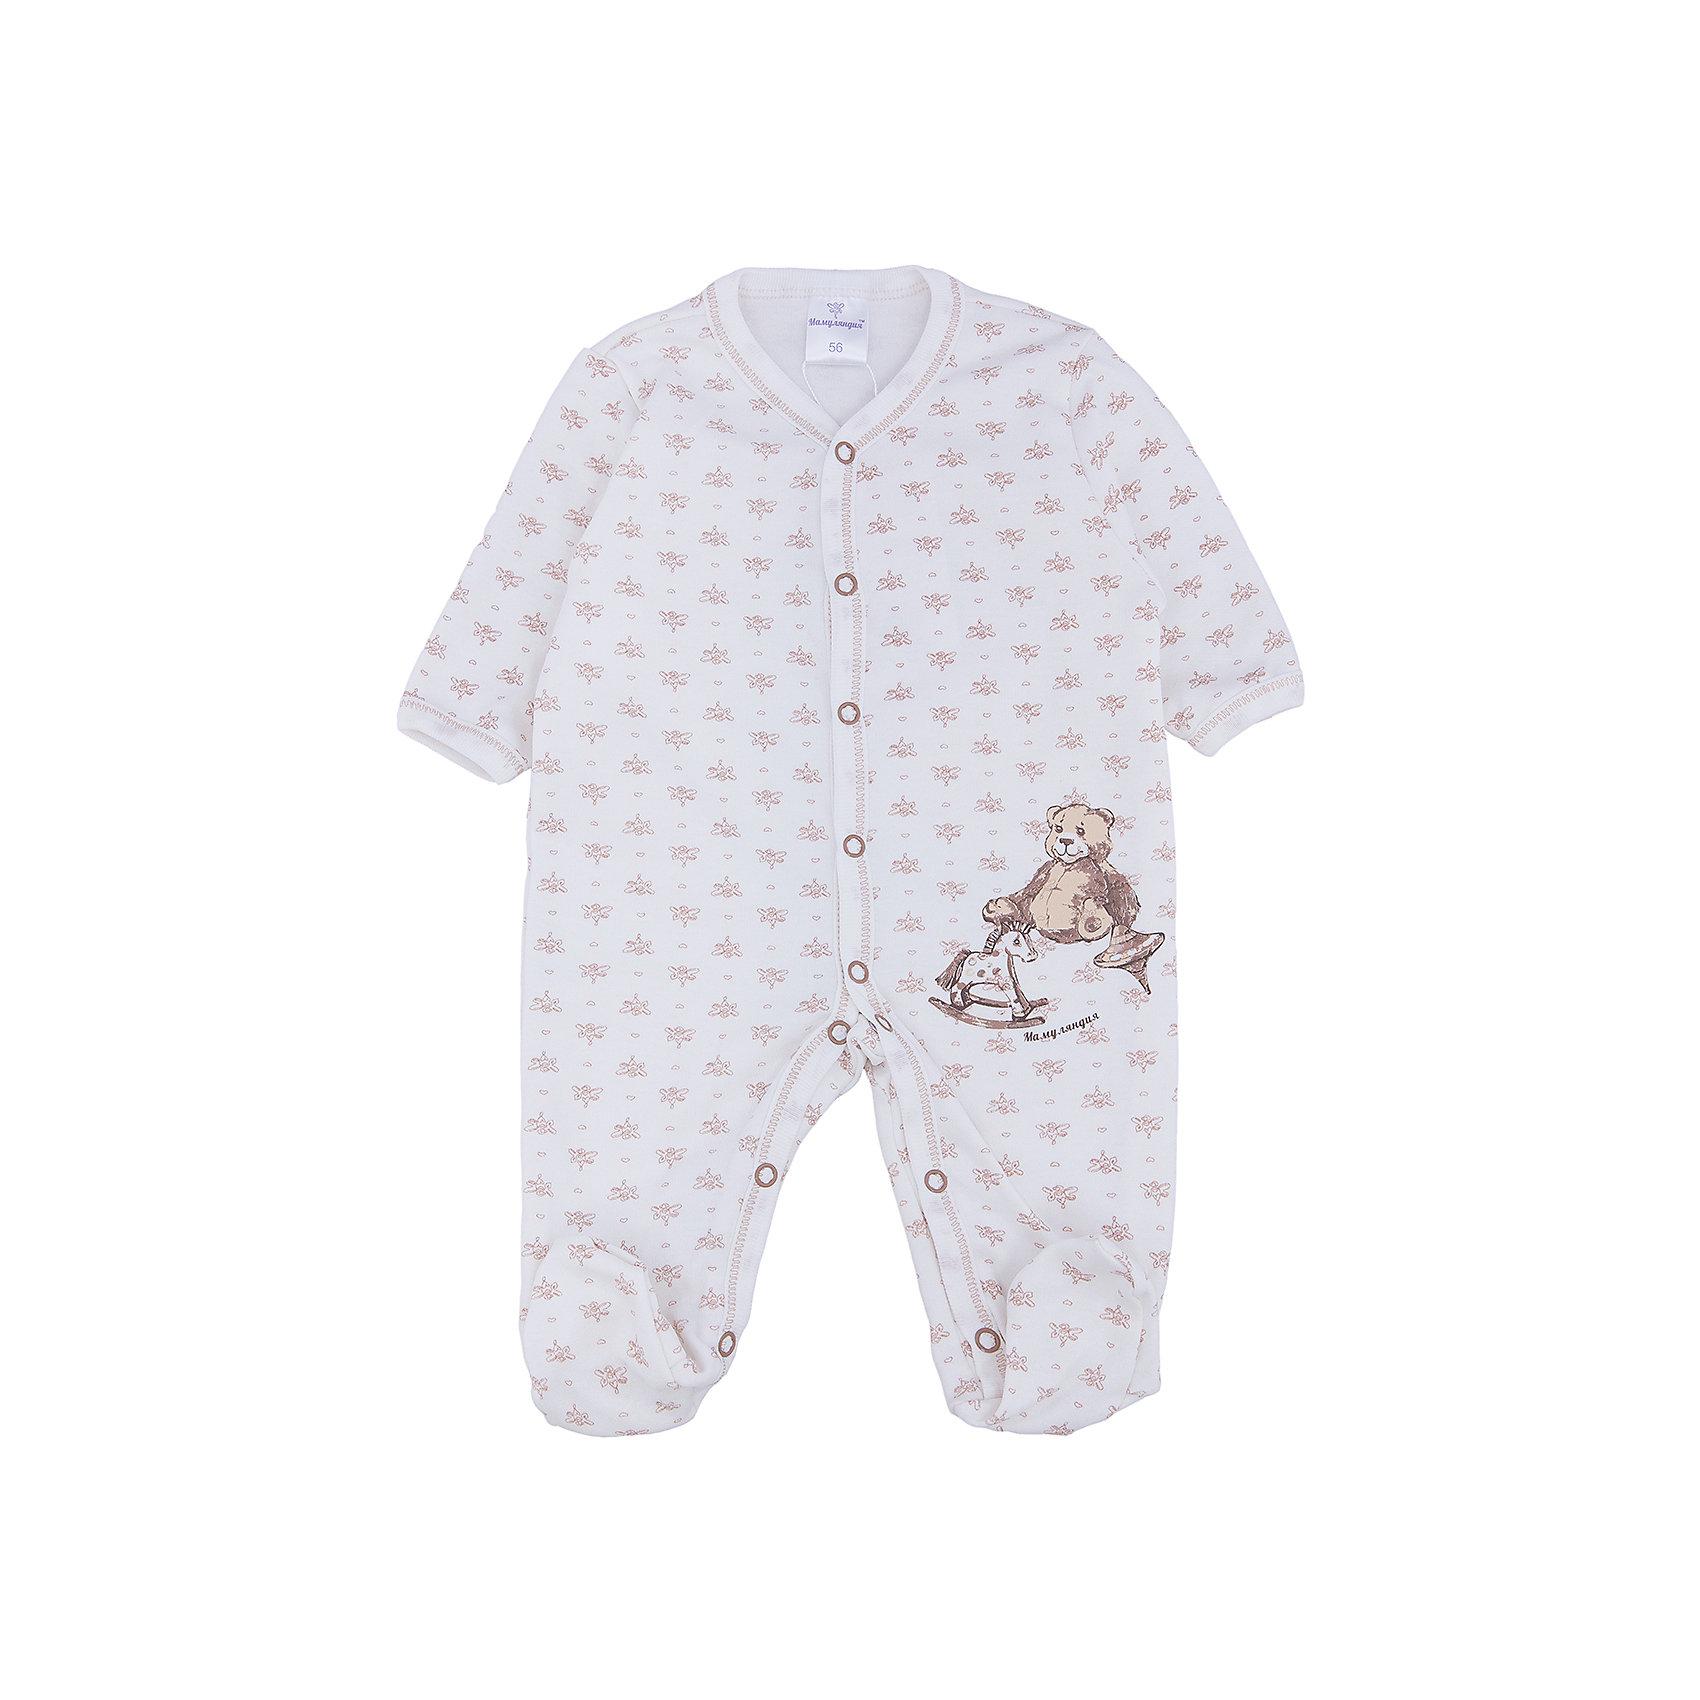 Комбинезон МамуляндияКомбинезон для новорожденных. Изготовлен из  трикотажного полотна высшего качества. Удобное расположение кнопок для переодевания малыша. <br>Состав 100% хлопок. <br>Рекомендации по уходу: стирать при 40 С, гладить при средней температуре, носить с удовольствием.  Состав: 100% хлопок<br><br>Ширина мм: 157<br>Глубина мм: 13<br>Высота мм: 119<br>Вес г: 200<br>Цвет: бежевый<br>Возраст от месяцев: 12<br>Возраст до месяцев: 15<br>Пол: Унисекс<br>Возраст: Детский<br>Размер: 80,74,68,56,62<br>SKU: 4797258